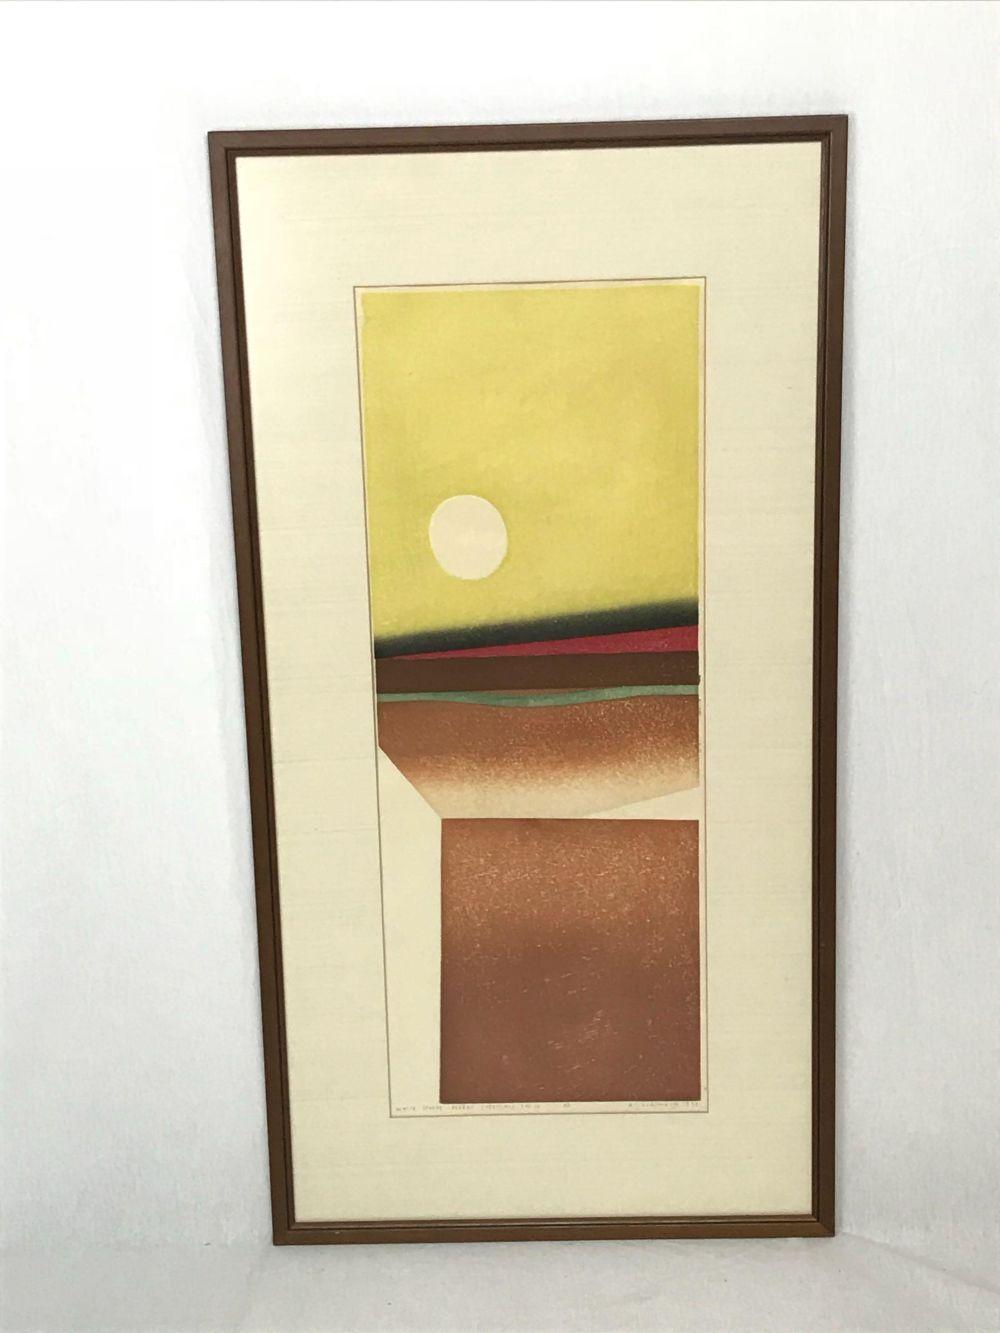 Woodblock Print, White Sphere Desert, Original by Ansei Uchima, Signed